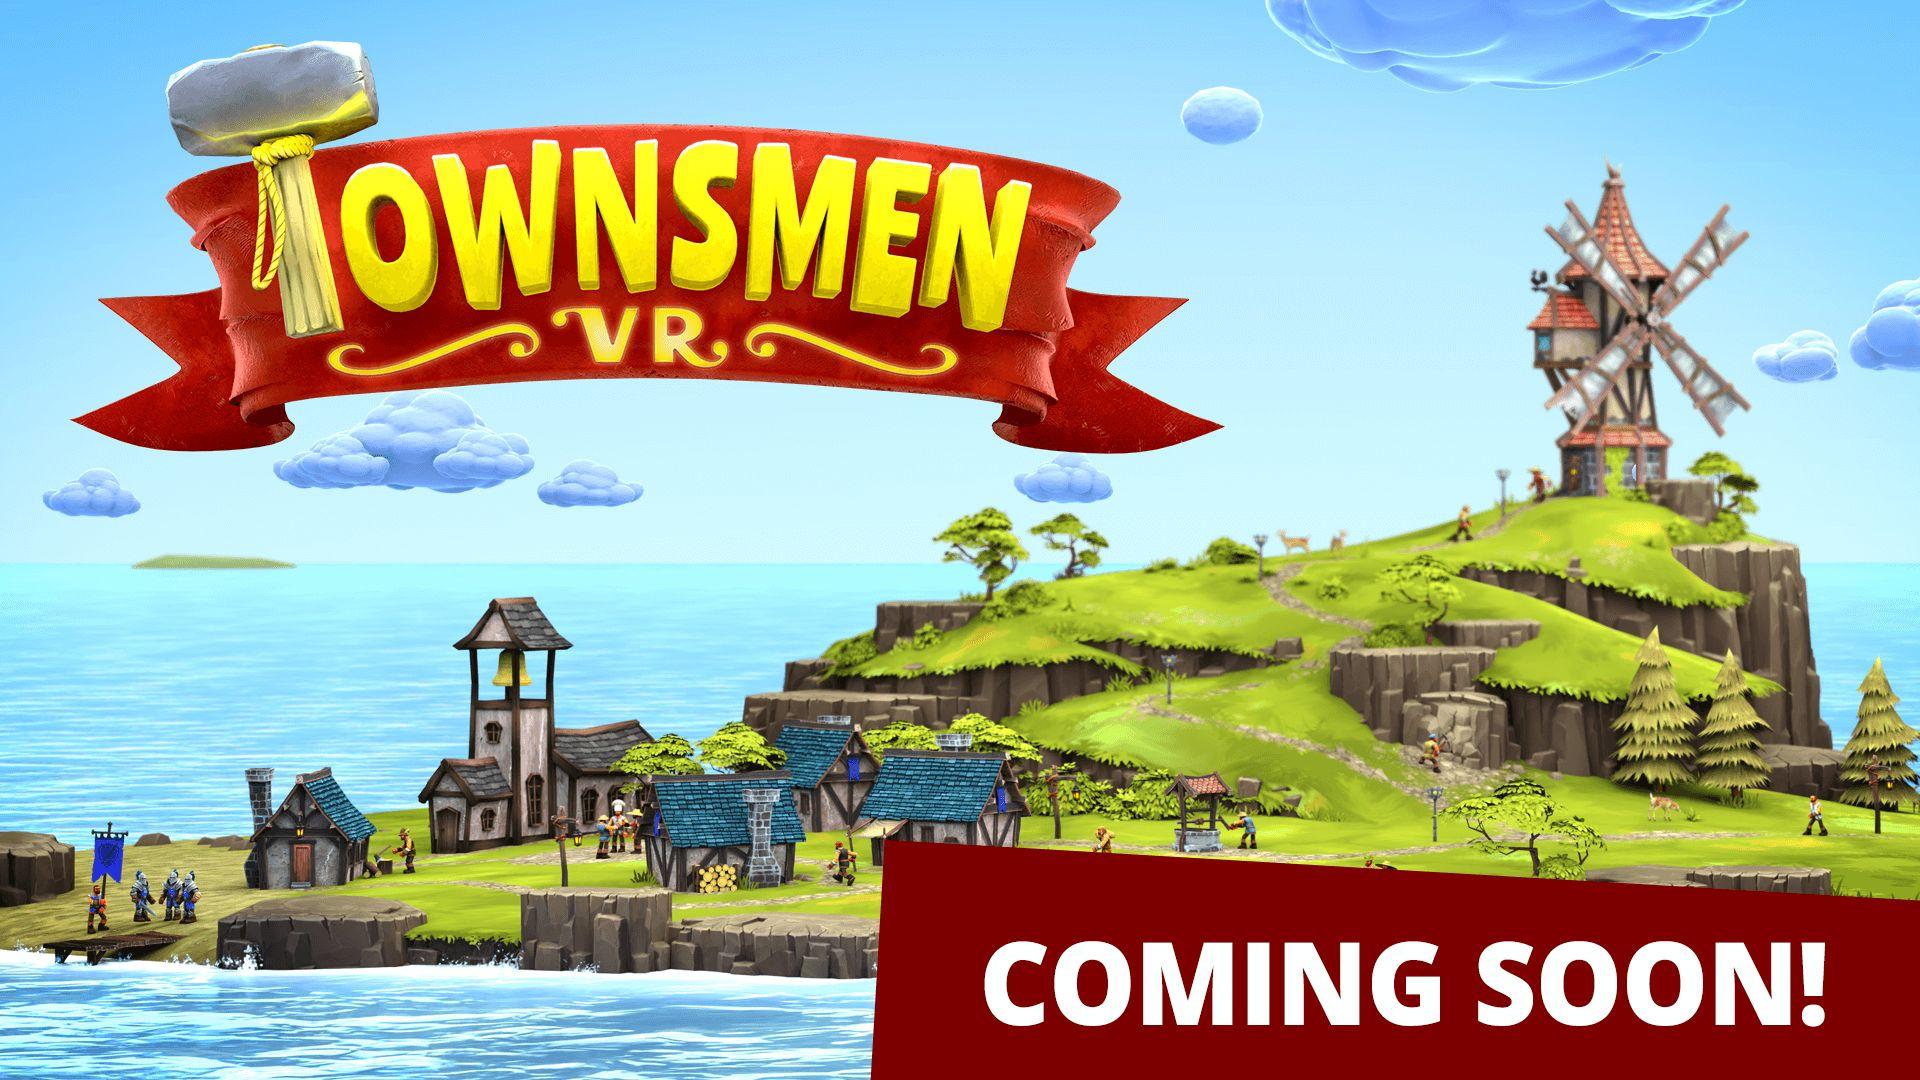 Townsmen VR ~ Steam release